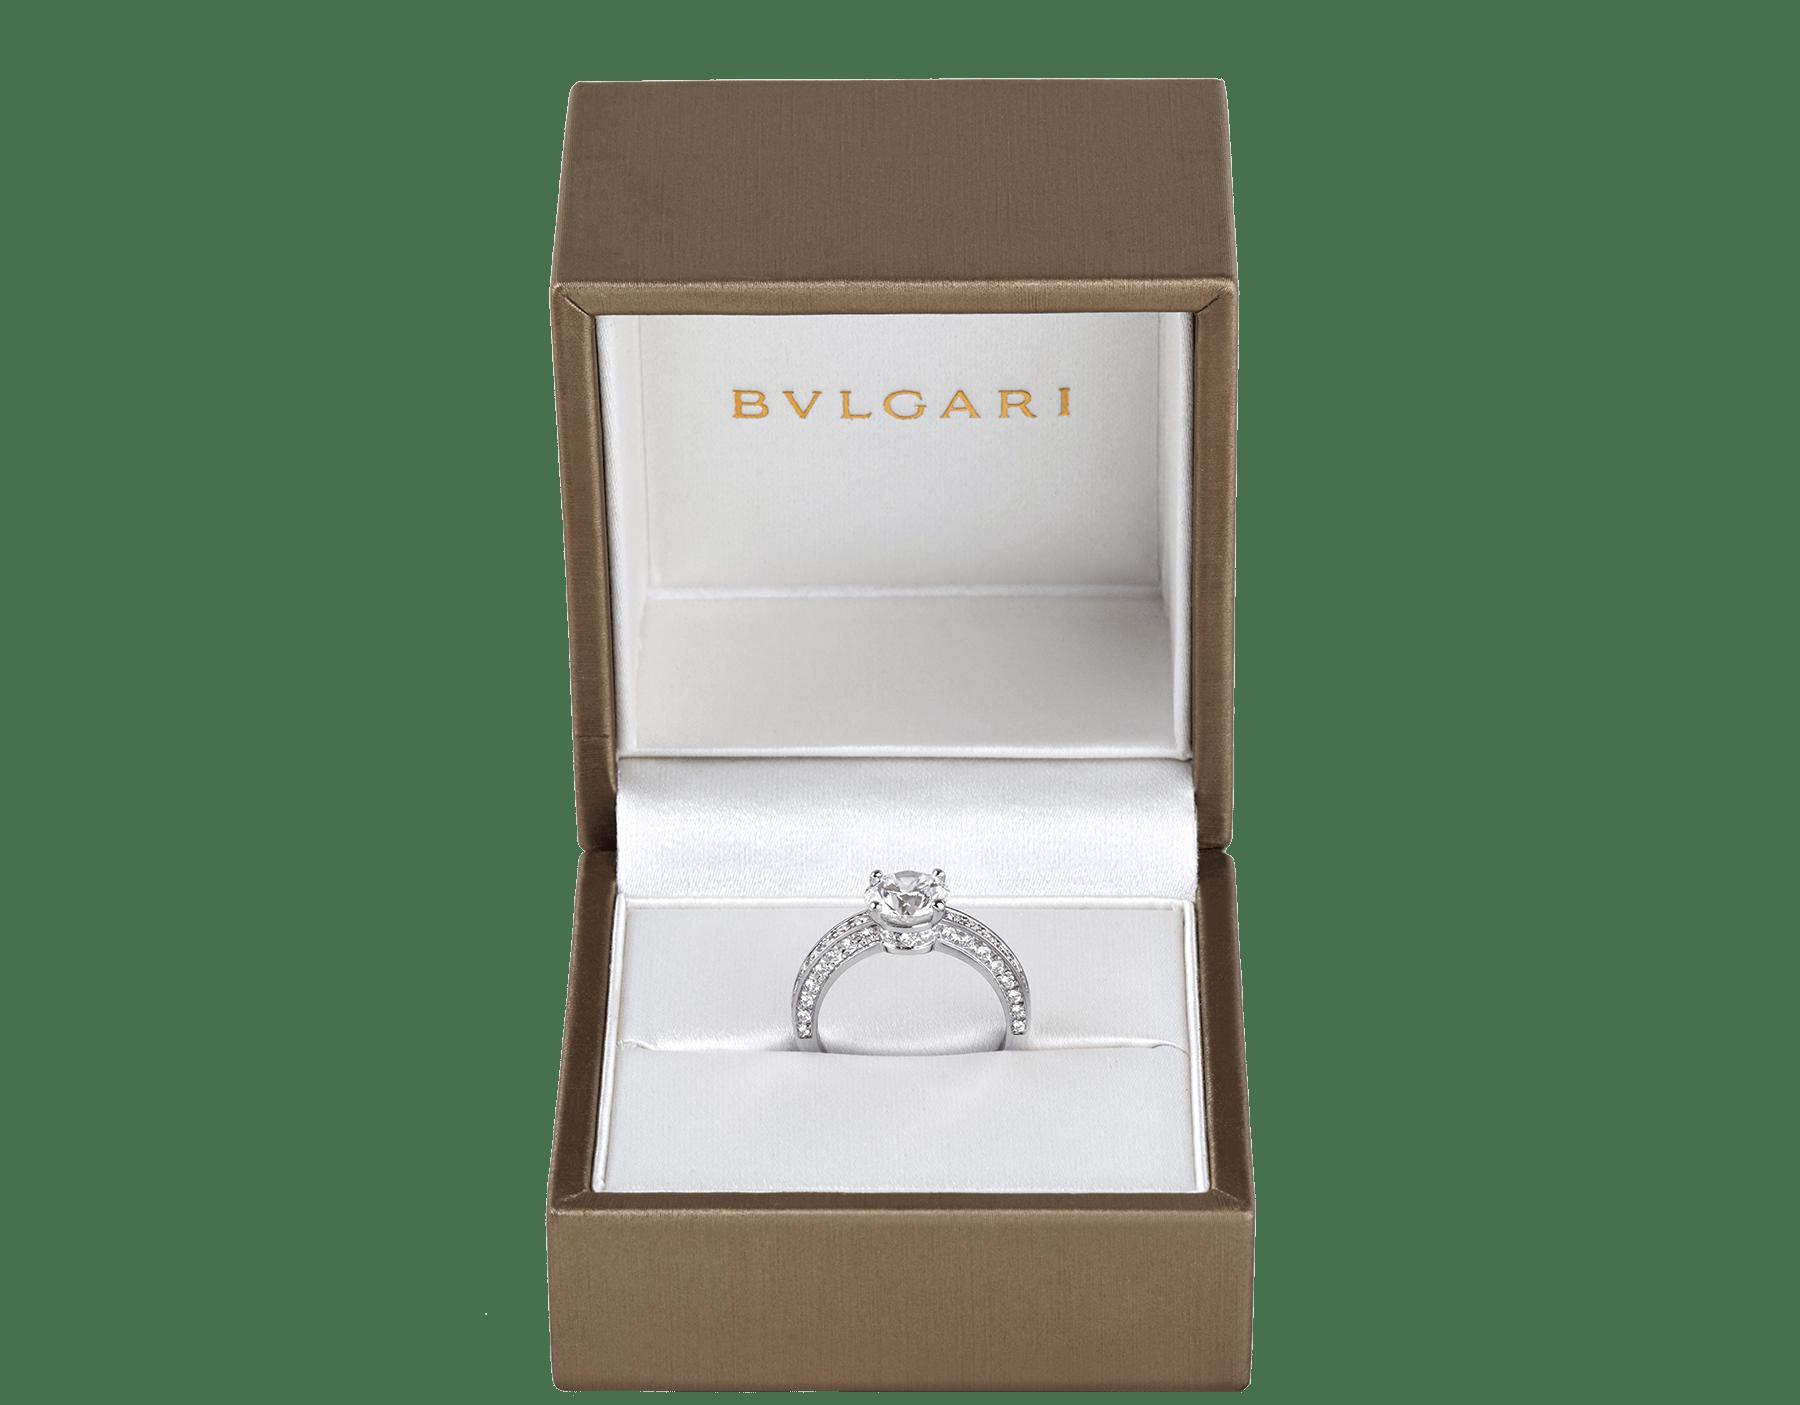 Dedicata a Venezia: solitaire1503 en platine serti d'un diamant rond taille brillant et pavé diamants 343367 image 5